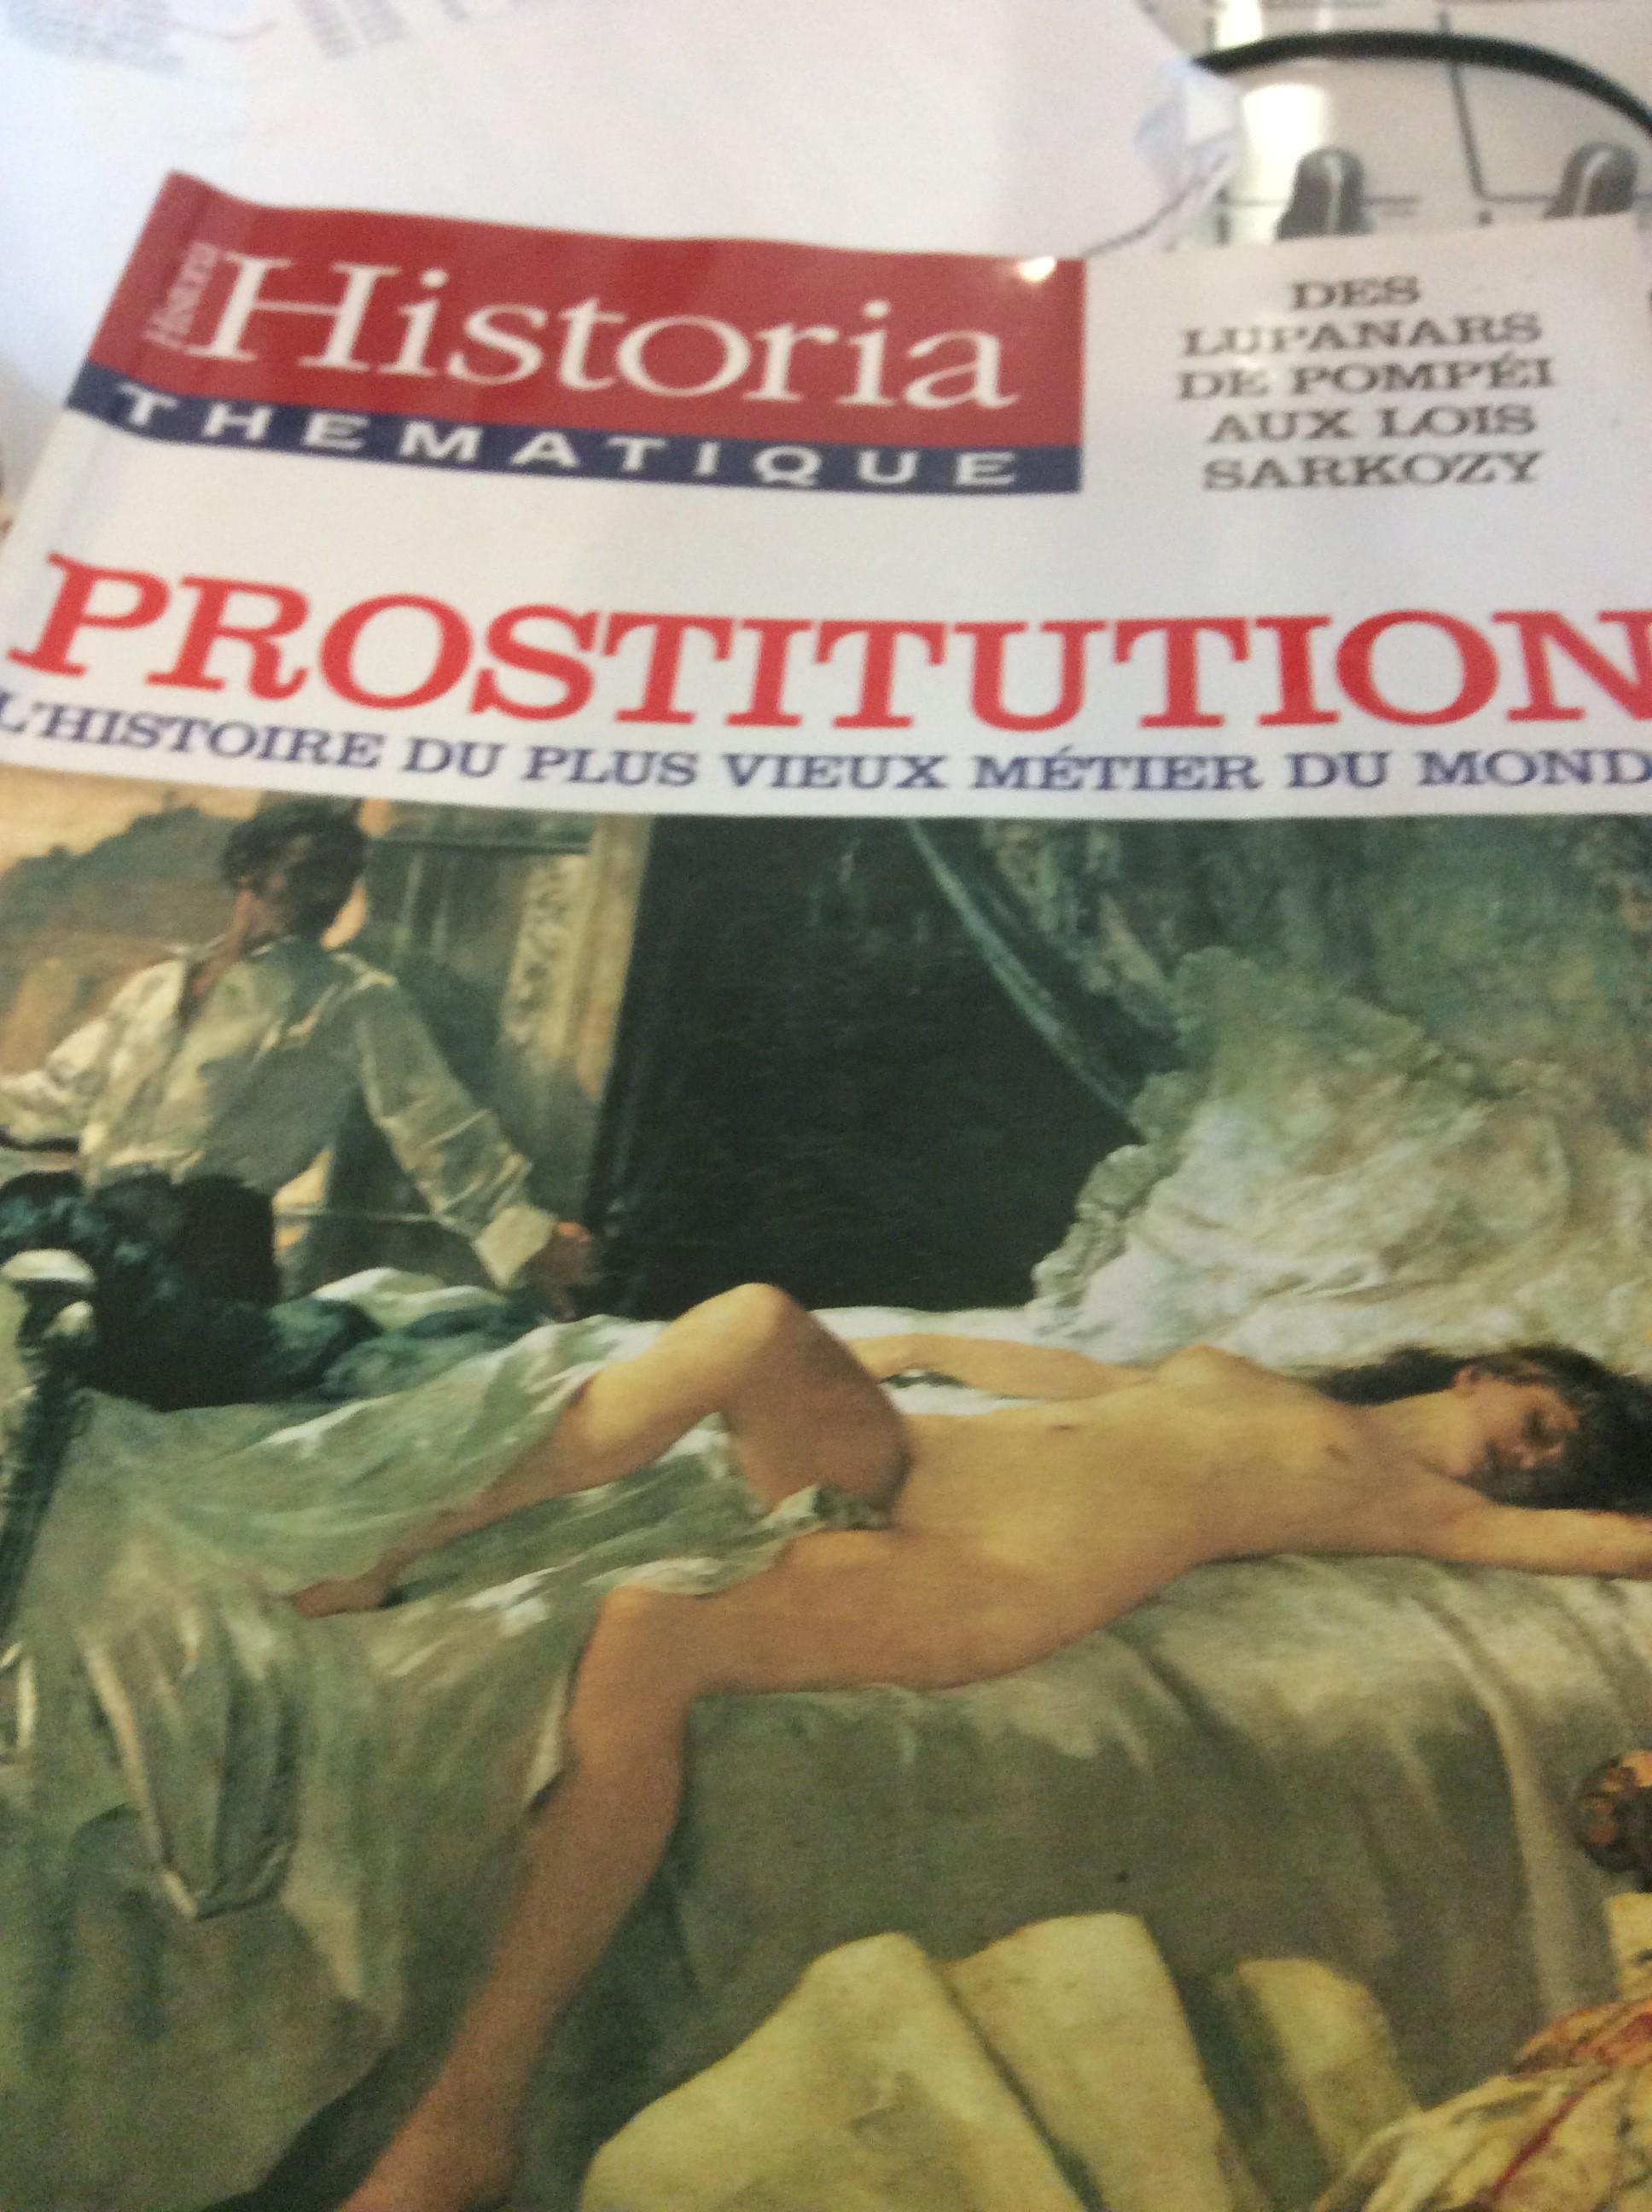 prostituées au puy en velay